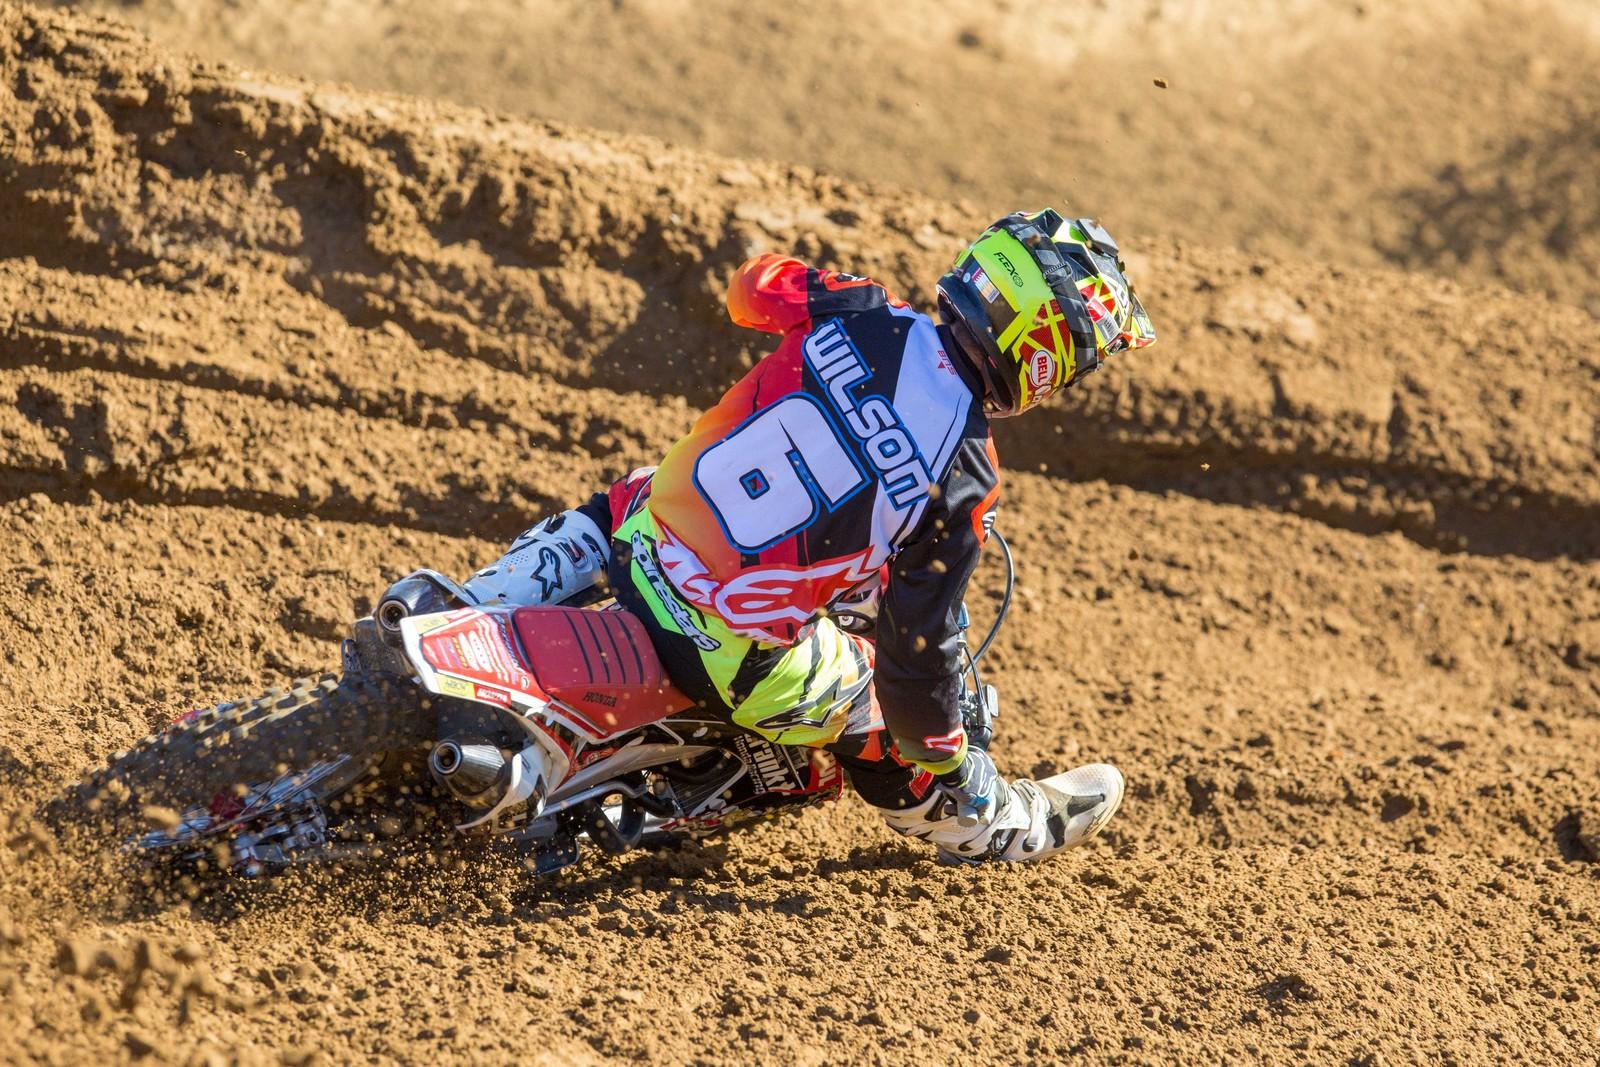 Jay Wilson - Australian Motul MX Championships: Round 6, Nowra - Motocross Pictures - Vital MX